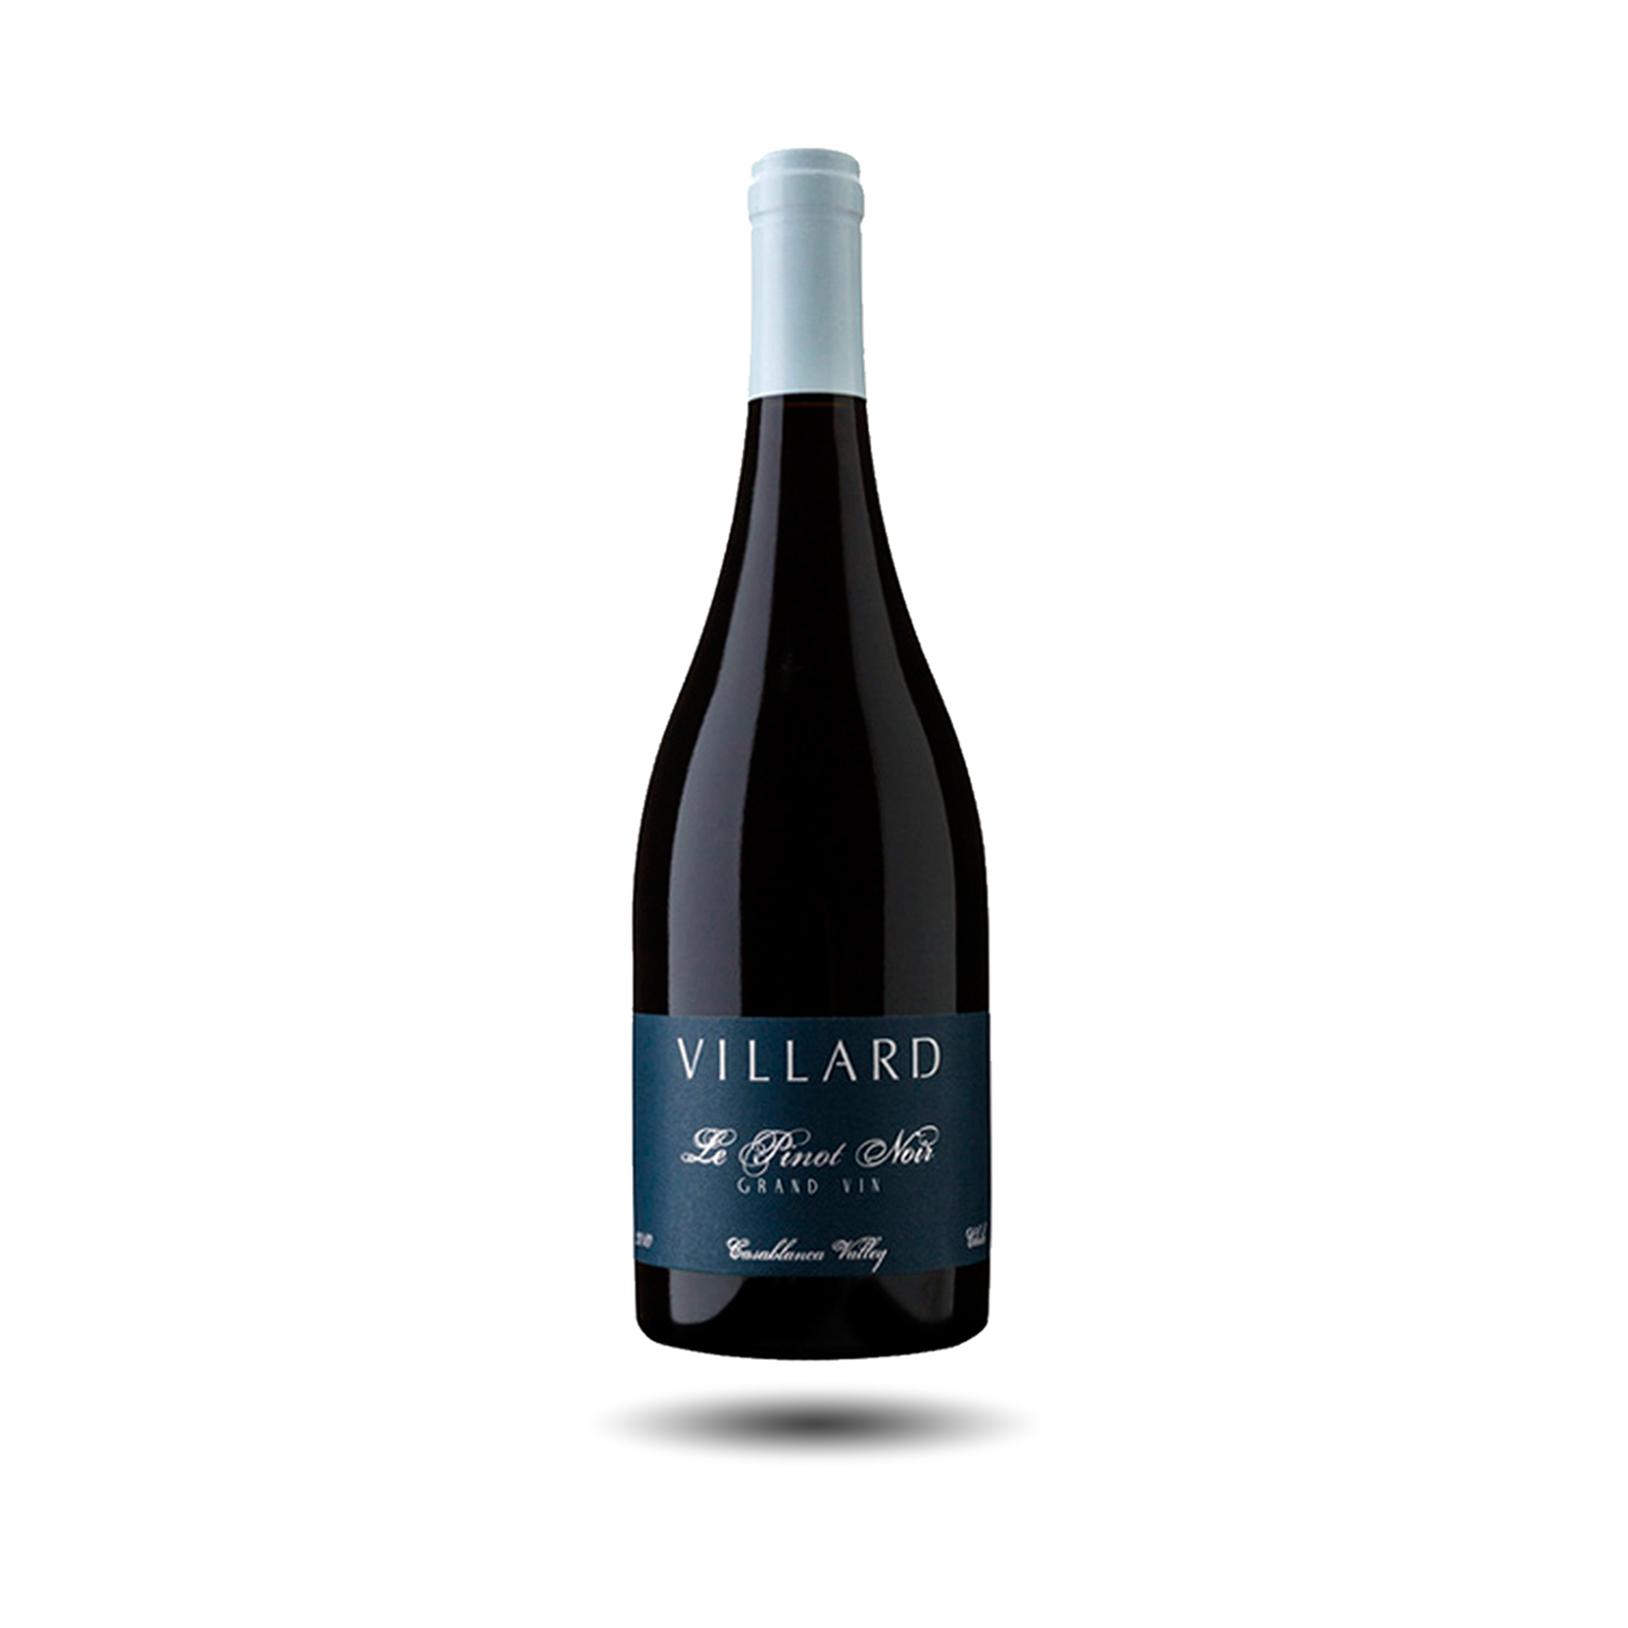 Villard - Le Pinot Noir Grand Vin, 2019